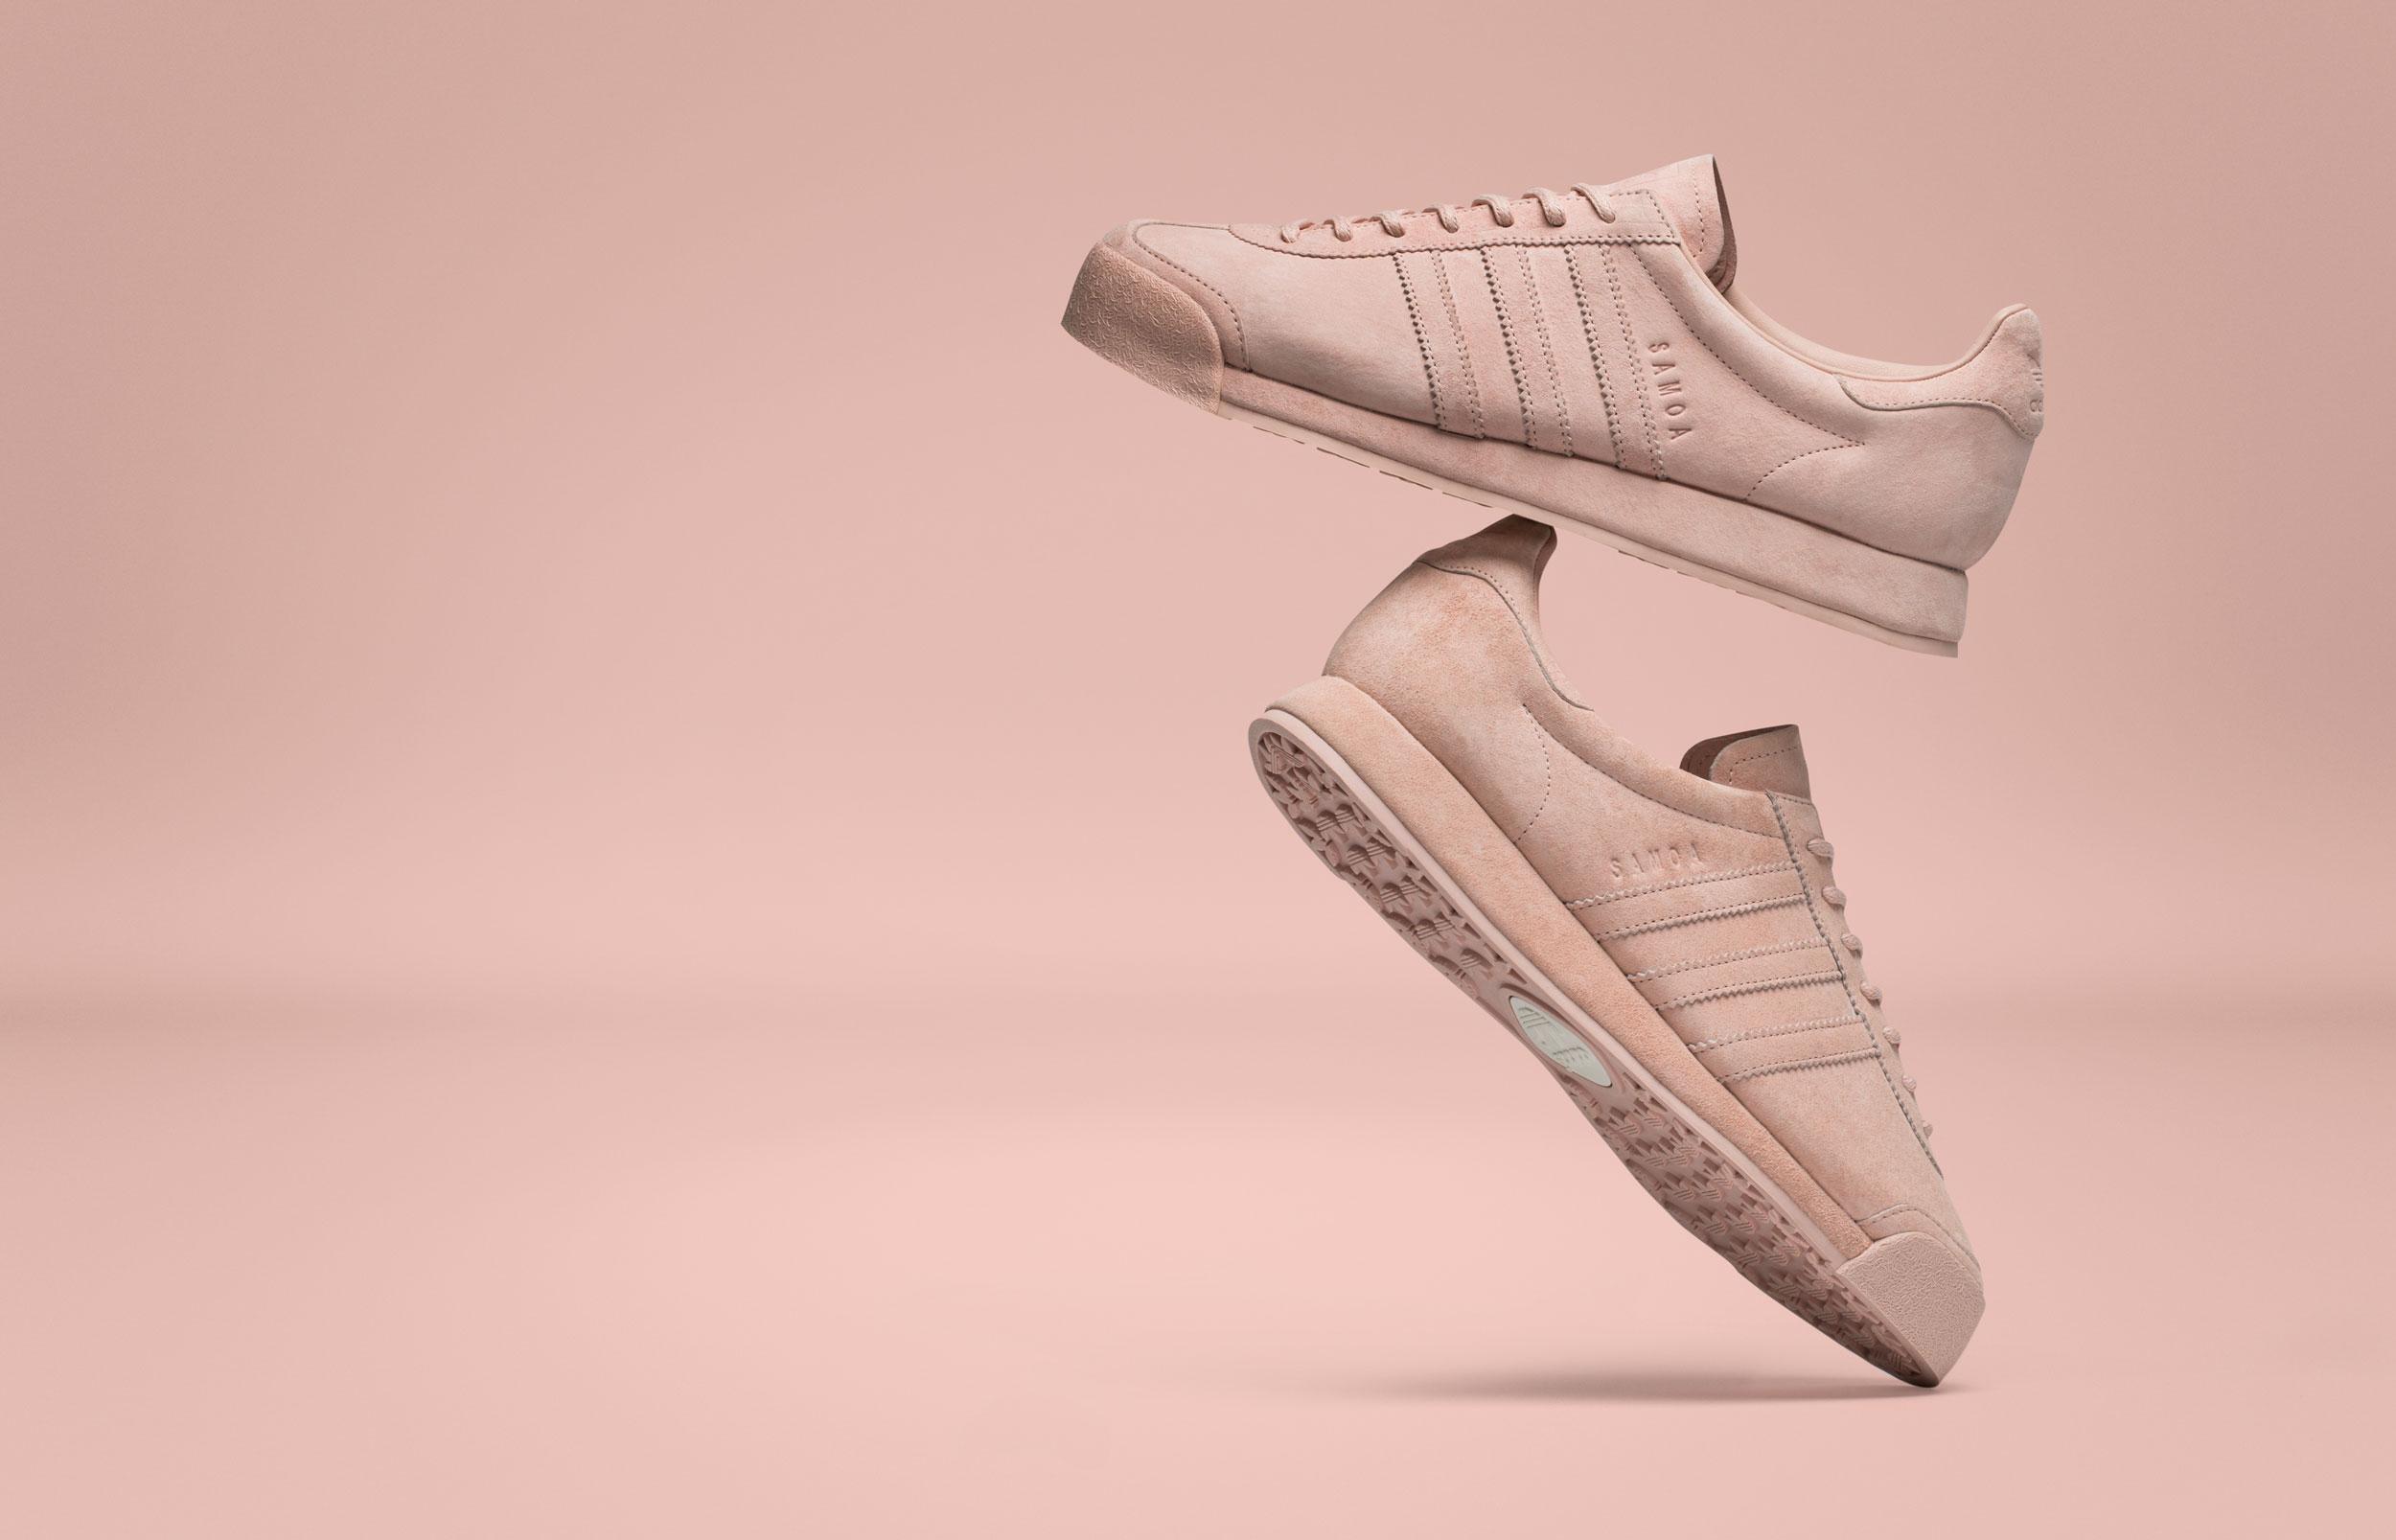 adidas-samoa-vapour-pink-02